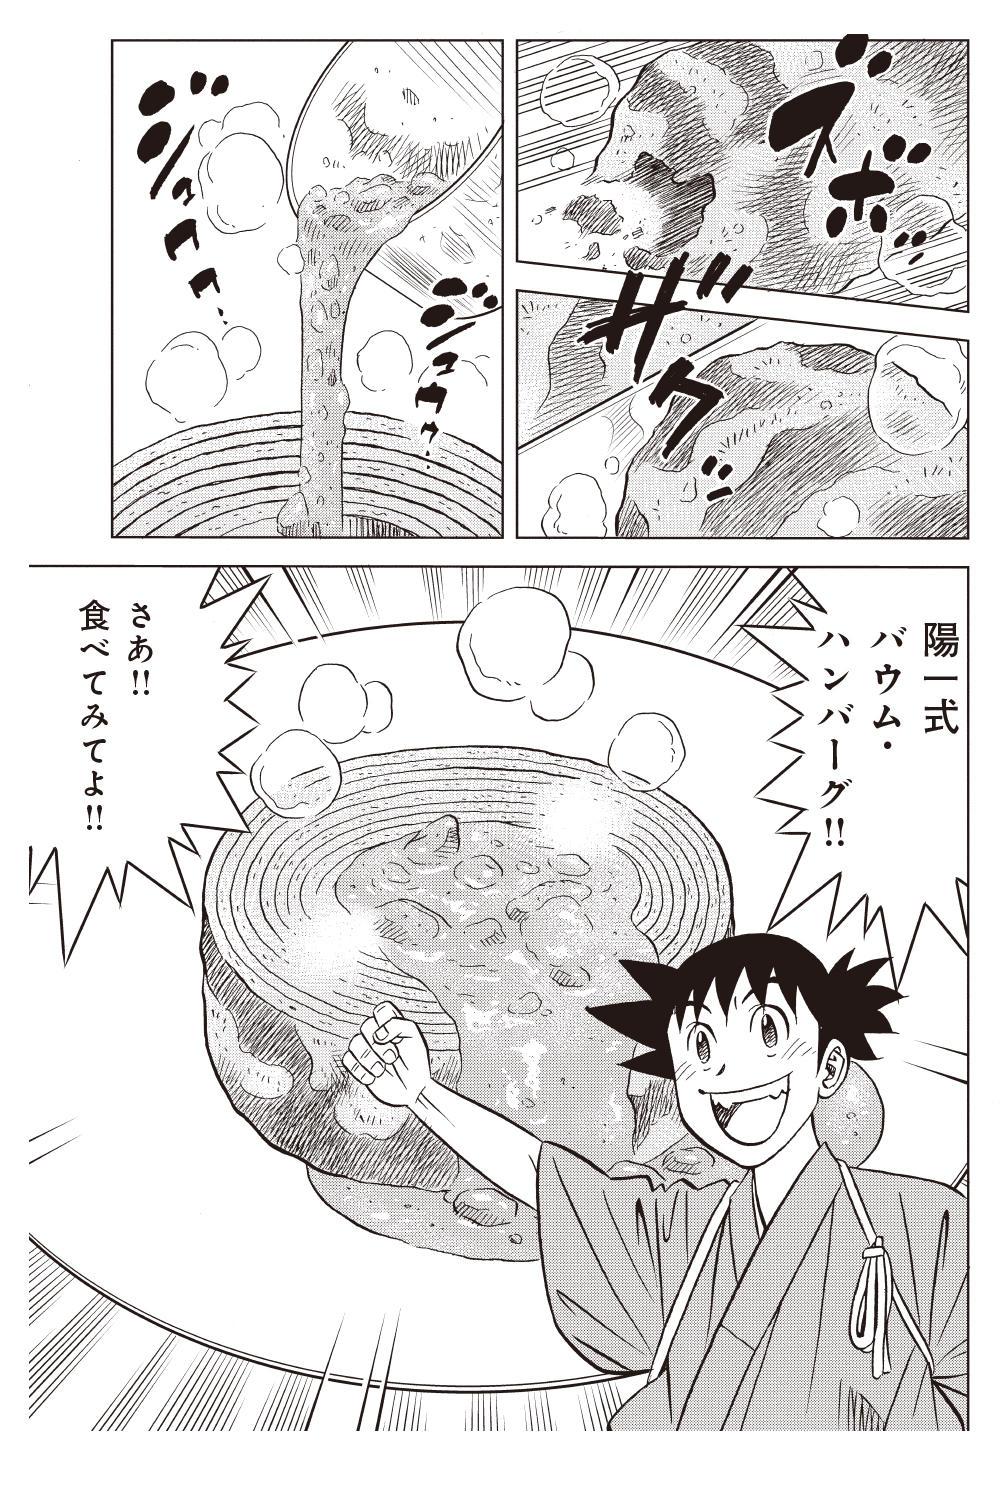 ミスター味っ子 幕末編 第3話「黄金大陸」②ajikko02-101.jpg